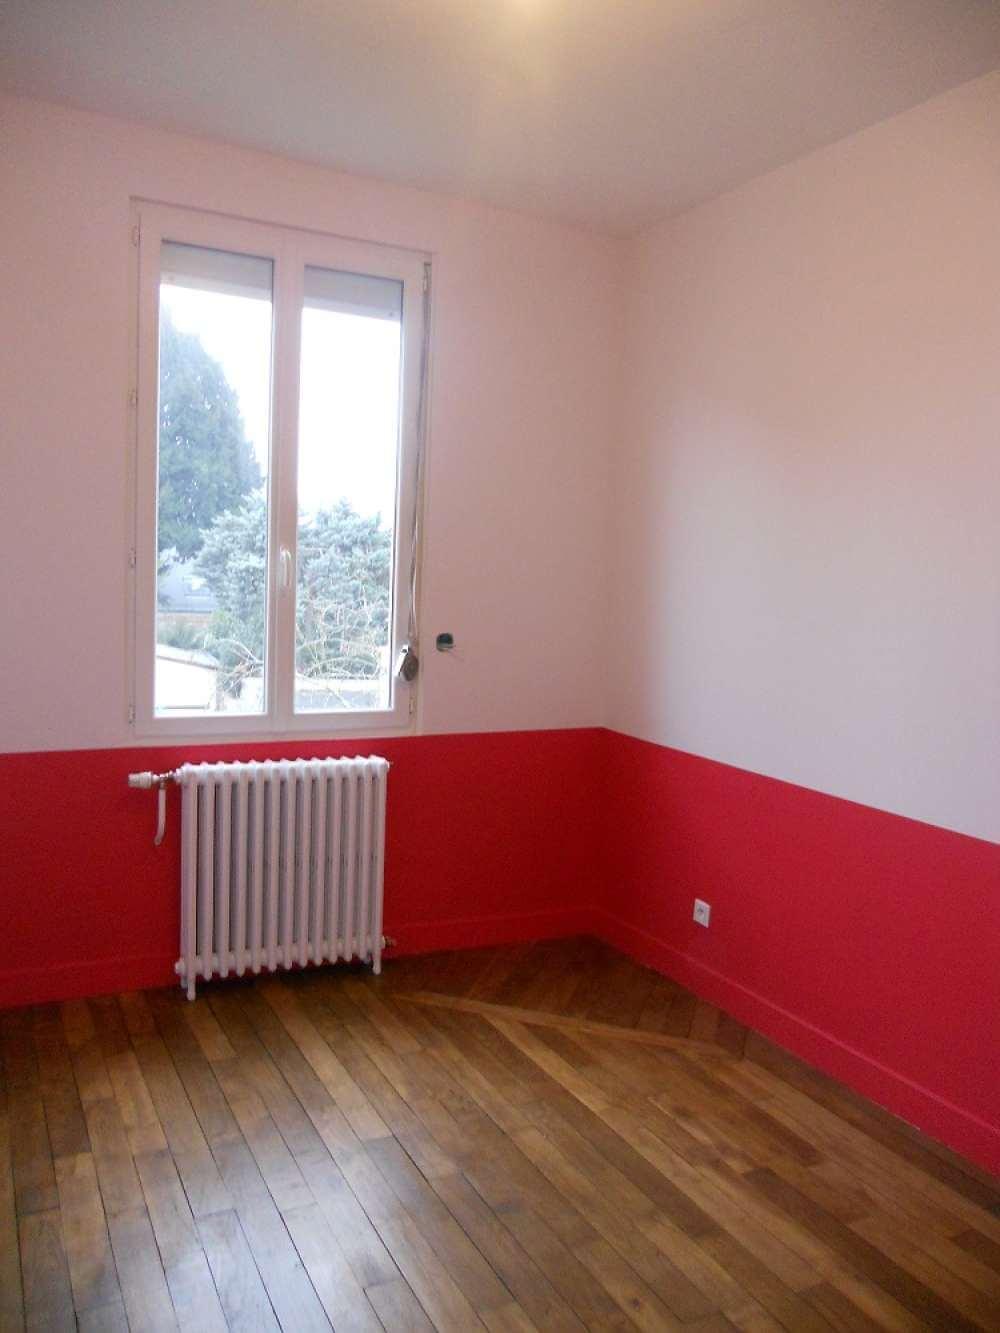 Une chambre remise en peinture